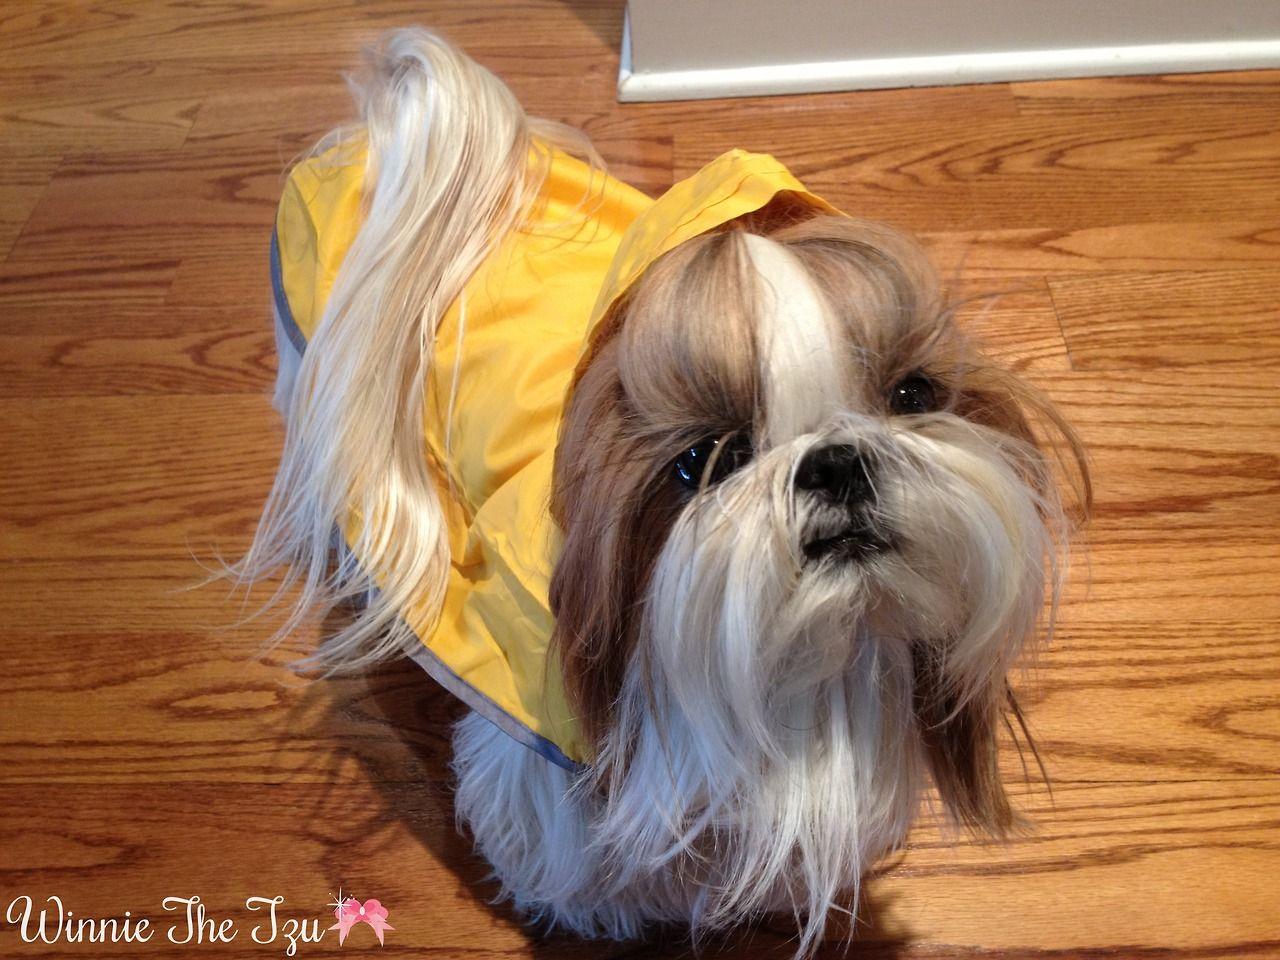 Winnie the Tzu: Photo Love watching stories about this Shih Tzu.